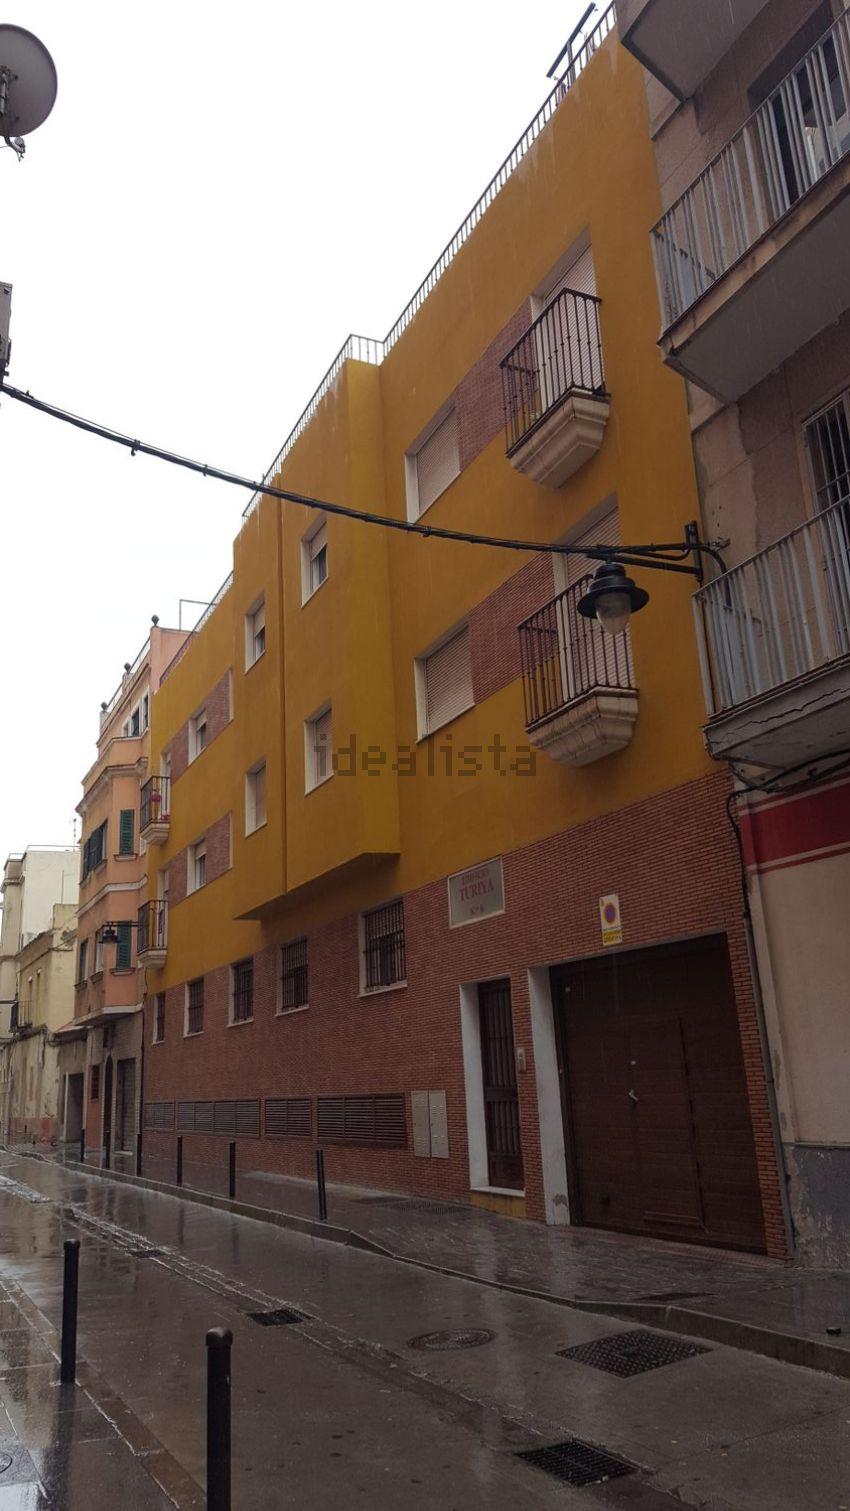 Piso en riera teniente, Casco Antiguo, Algeciras